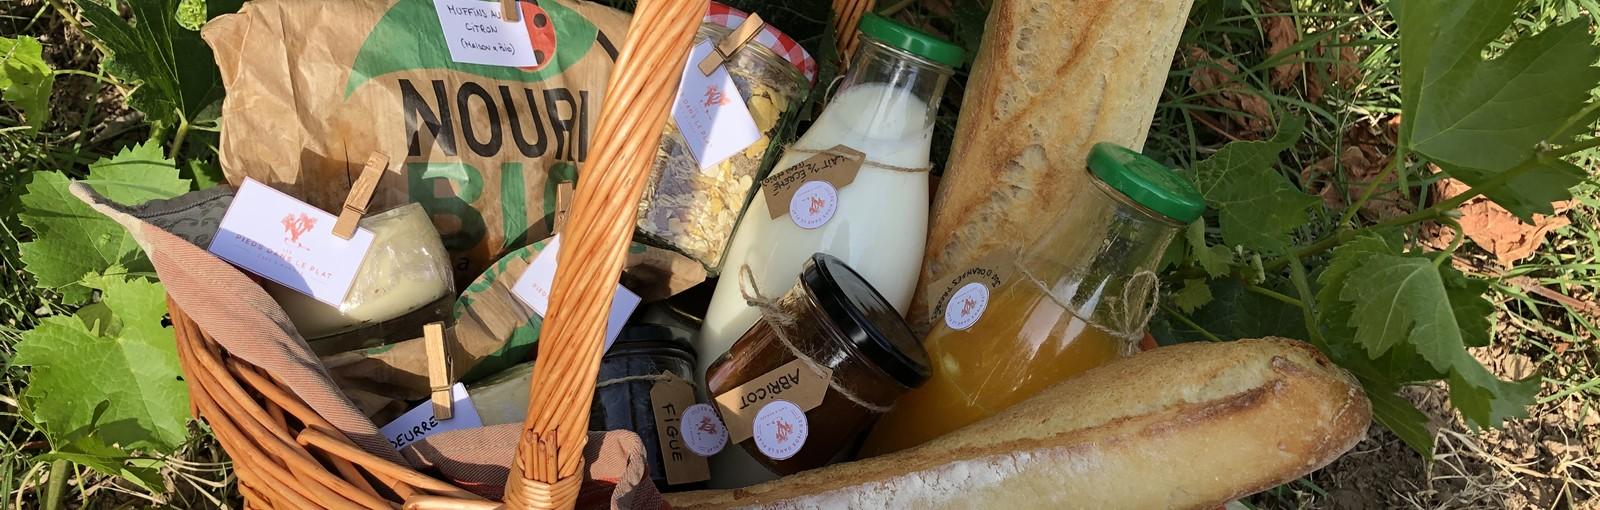 Tours Une semaine au bord de l'Hérault - Séjours - Nos Séjours et Circuits Privés - En famille ou groupes d'amis